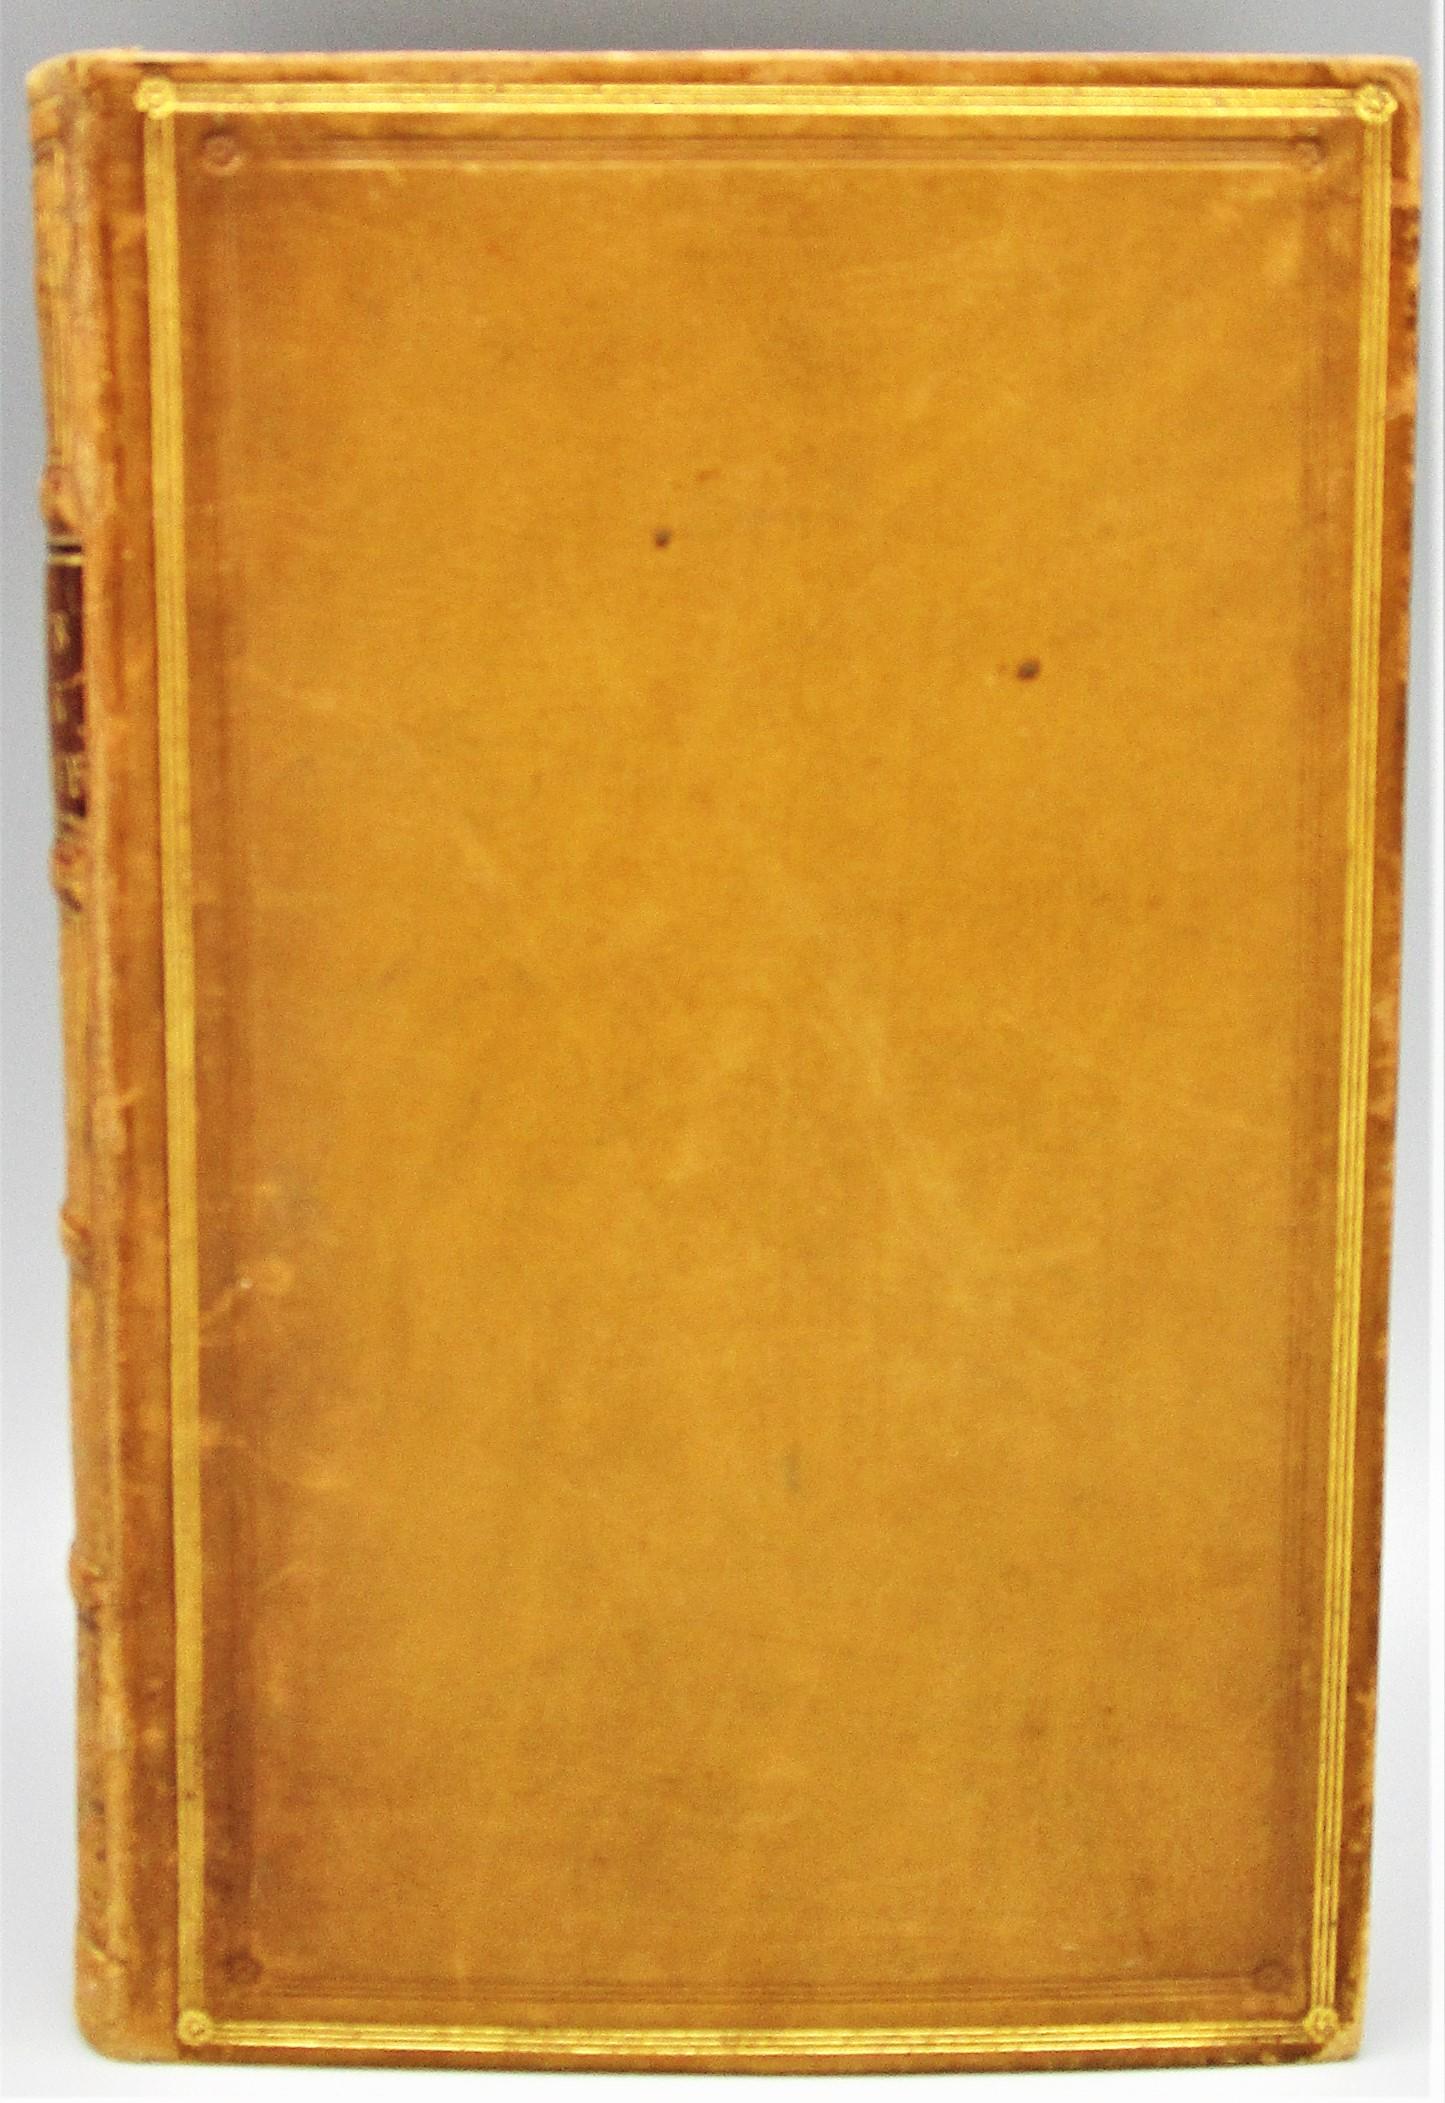 CHESKIAN ANTHOLOGY, by John Bowring - 1832 [1st Ed]